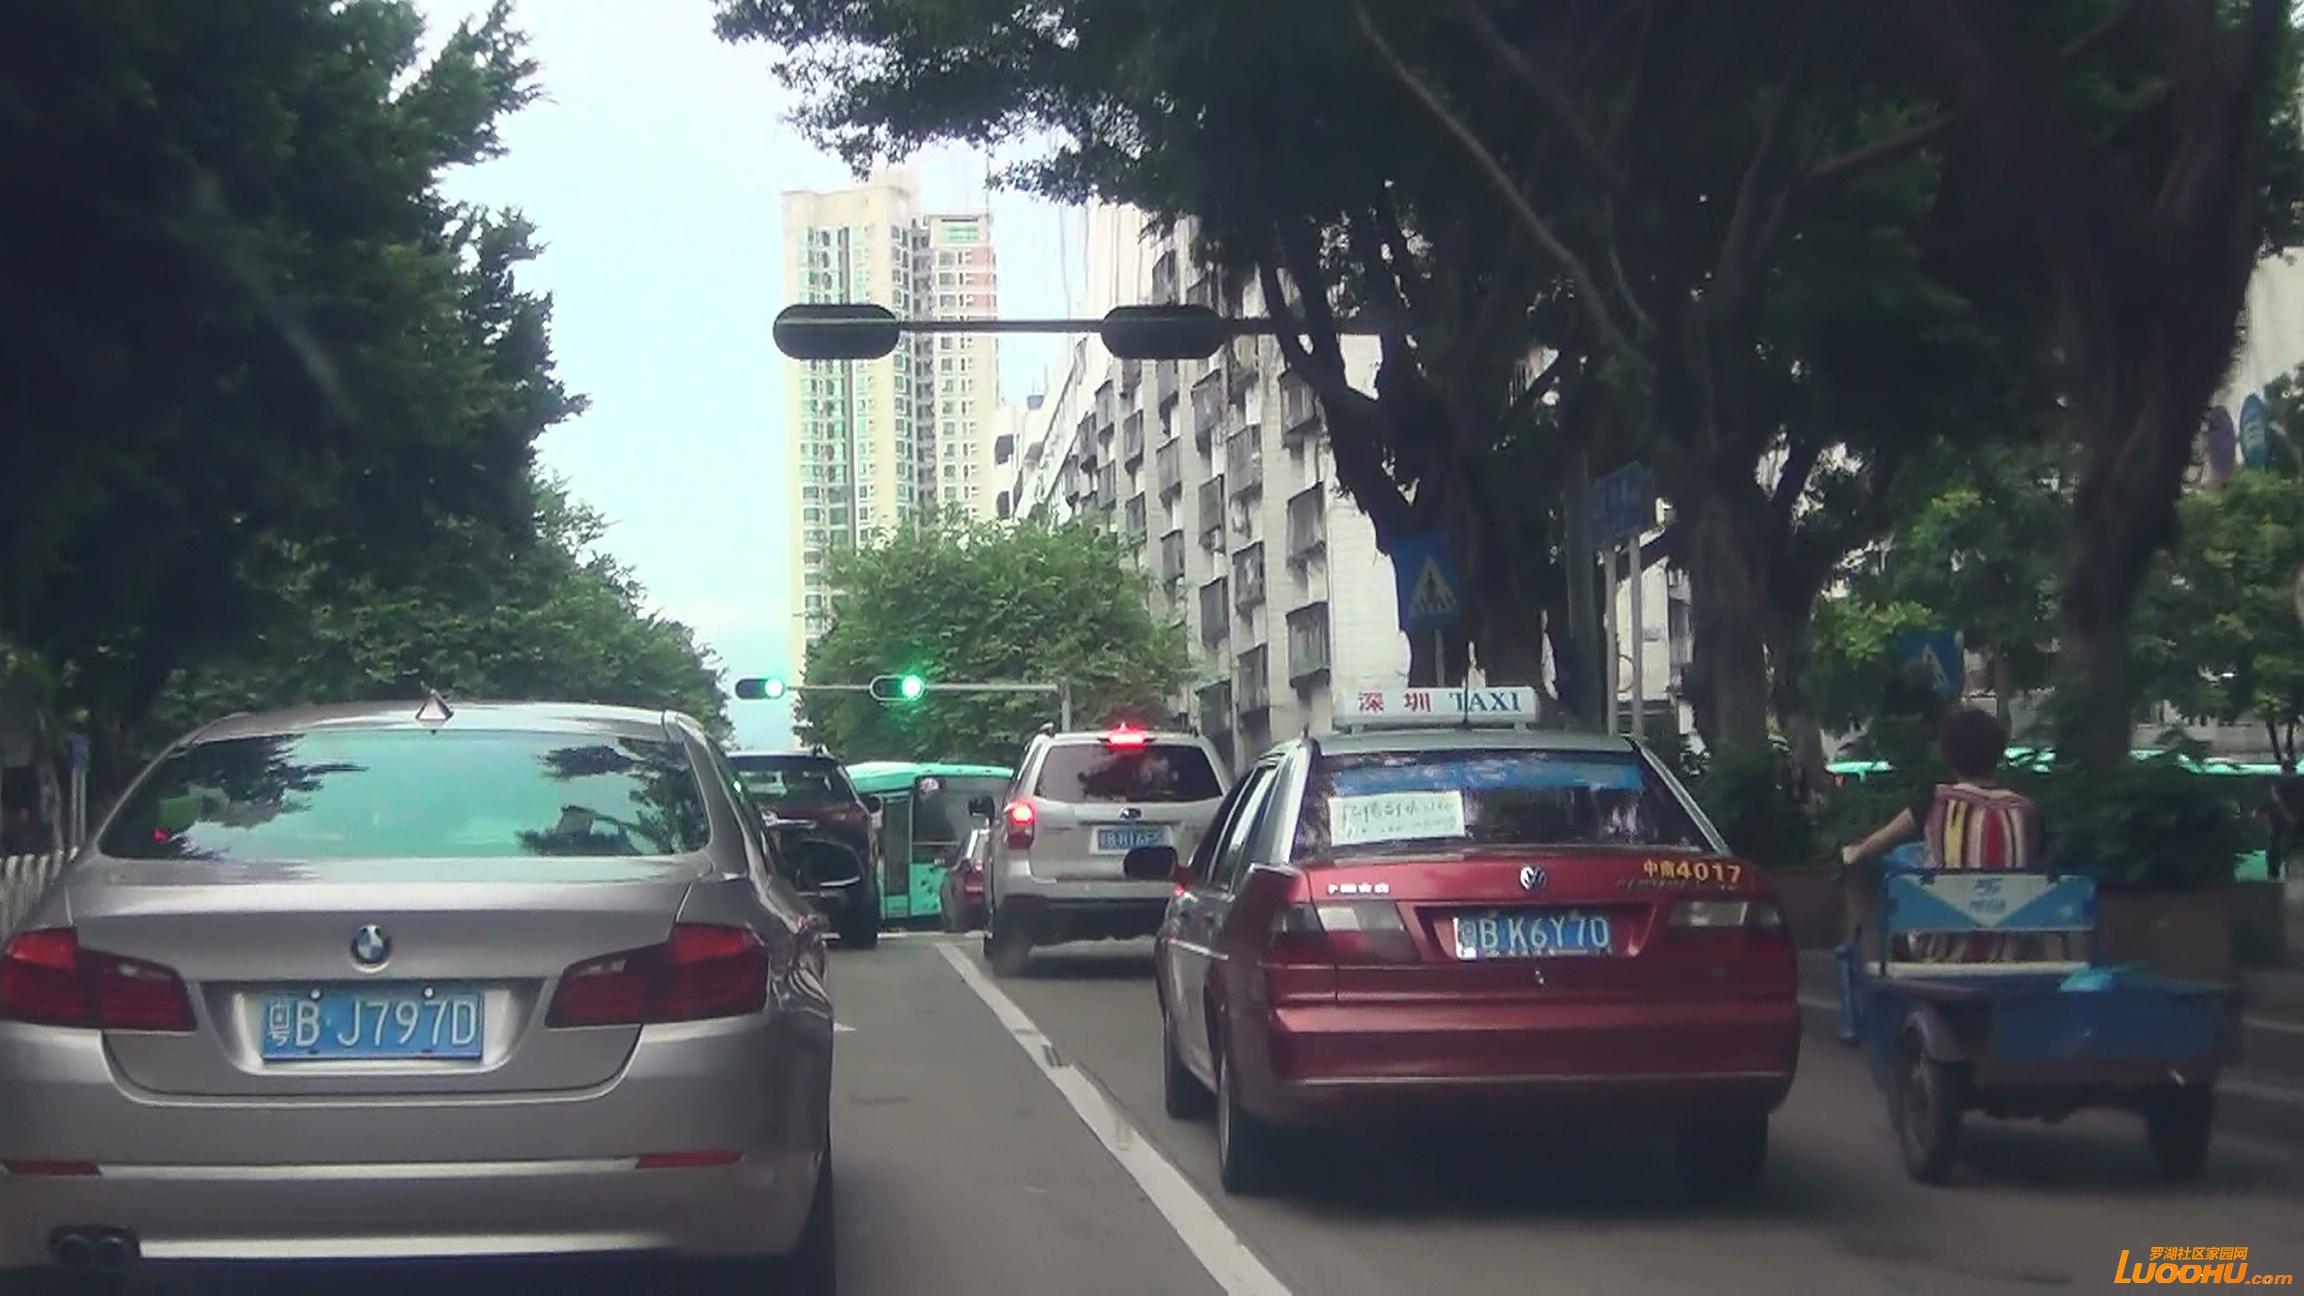 太白路西往东白色轿车从右转车道压线进入直行道后再次压线回到右转车道 (5).jpg.jpg